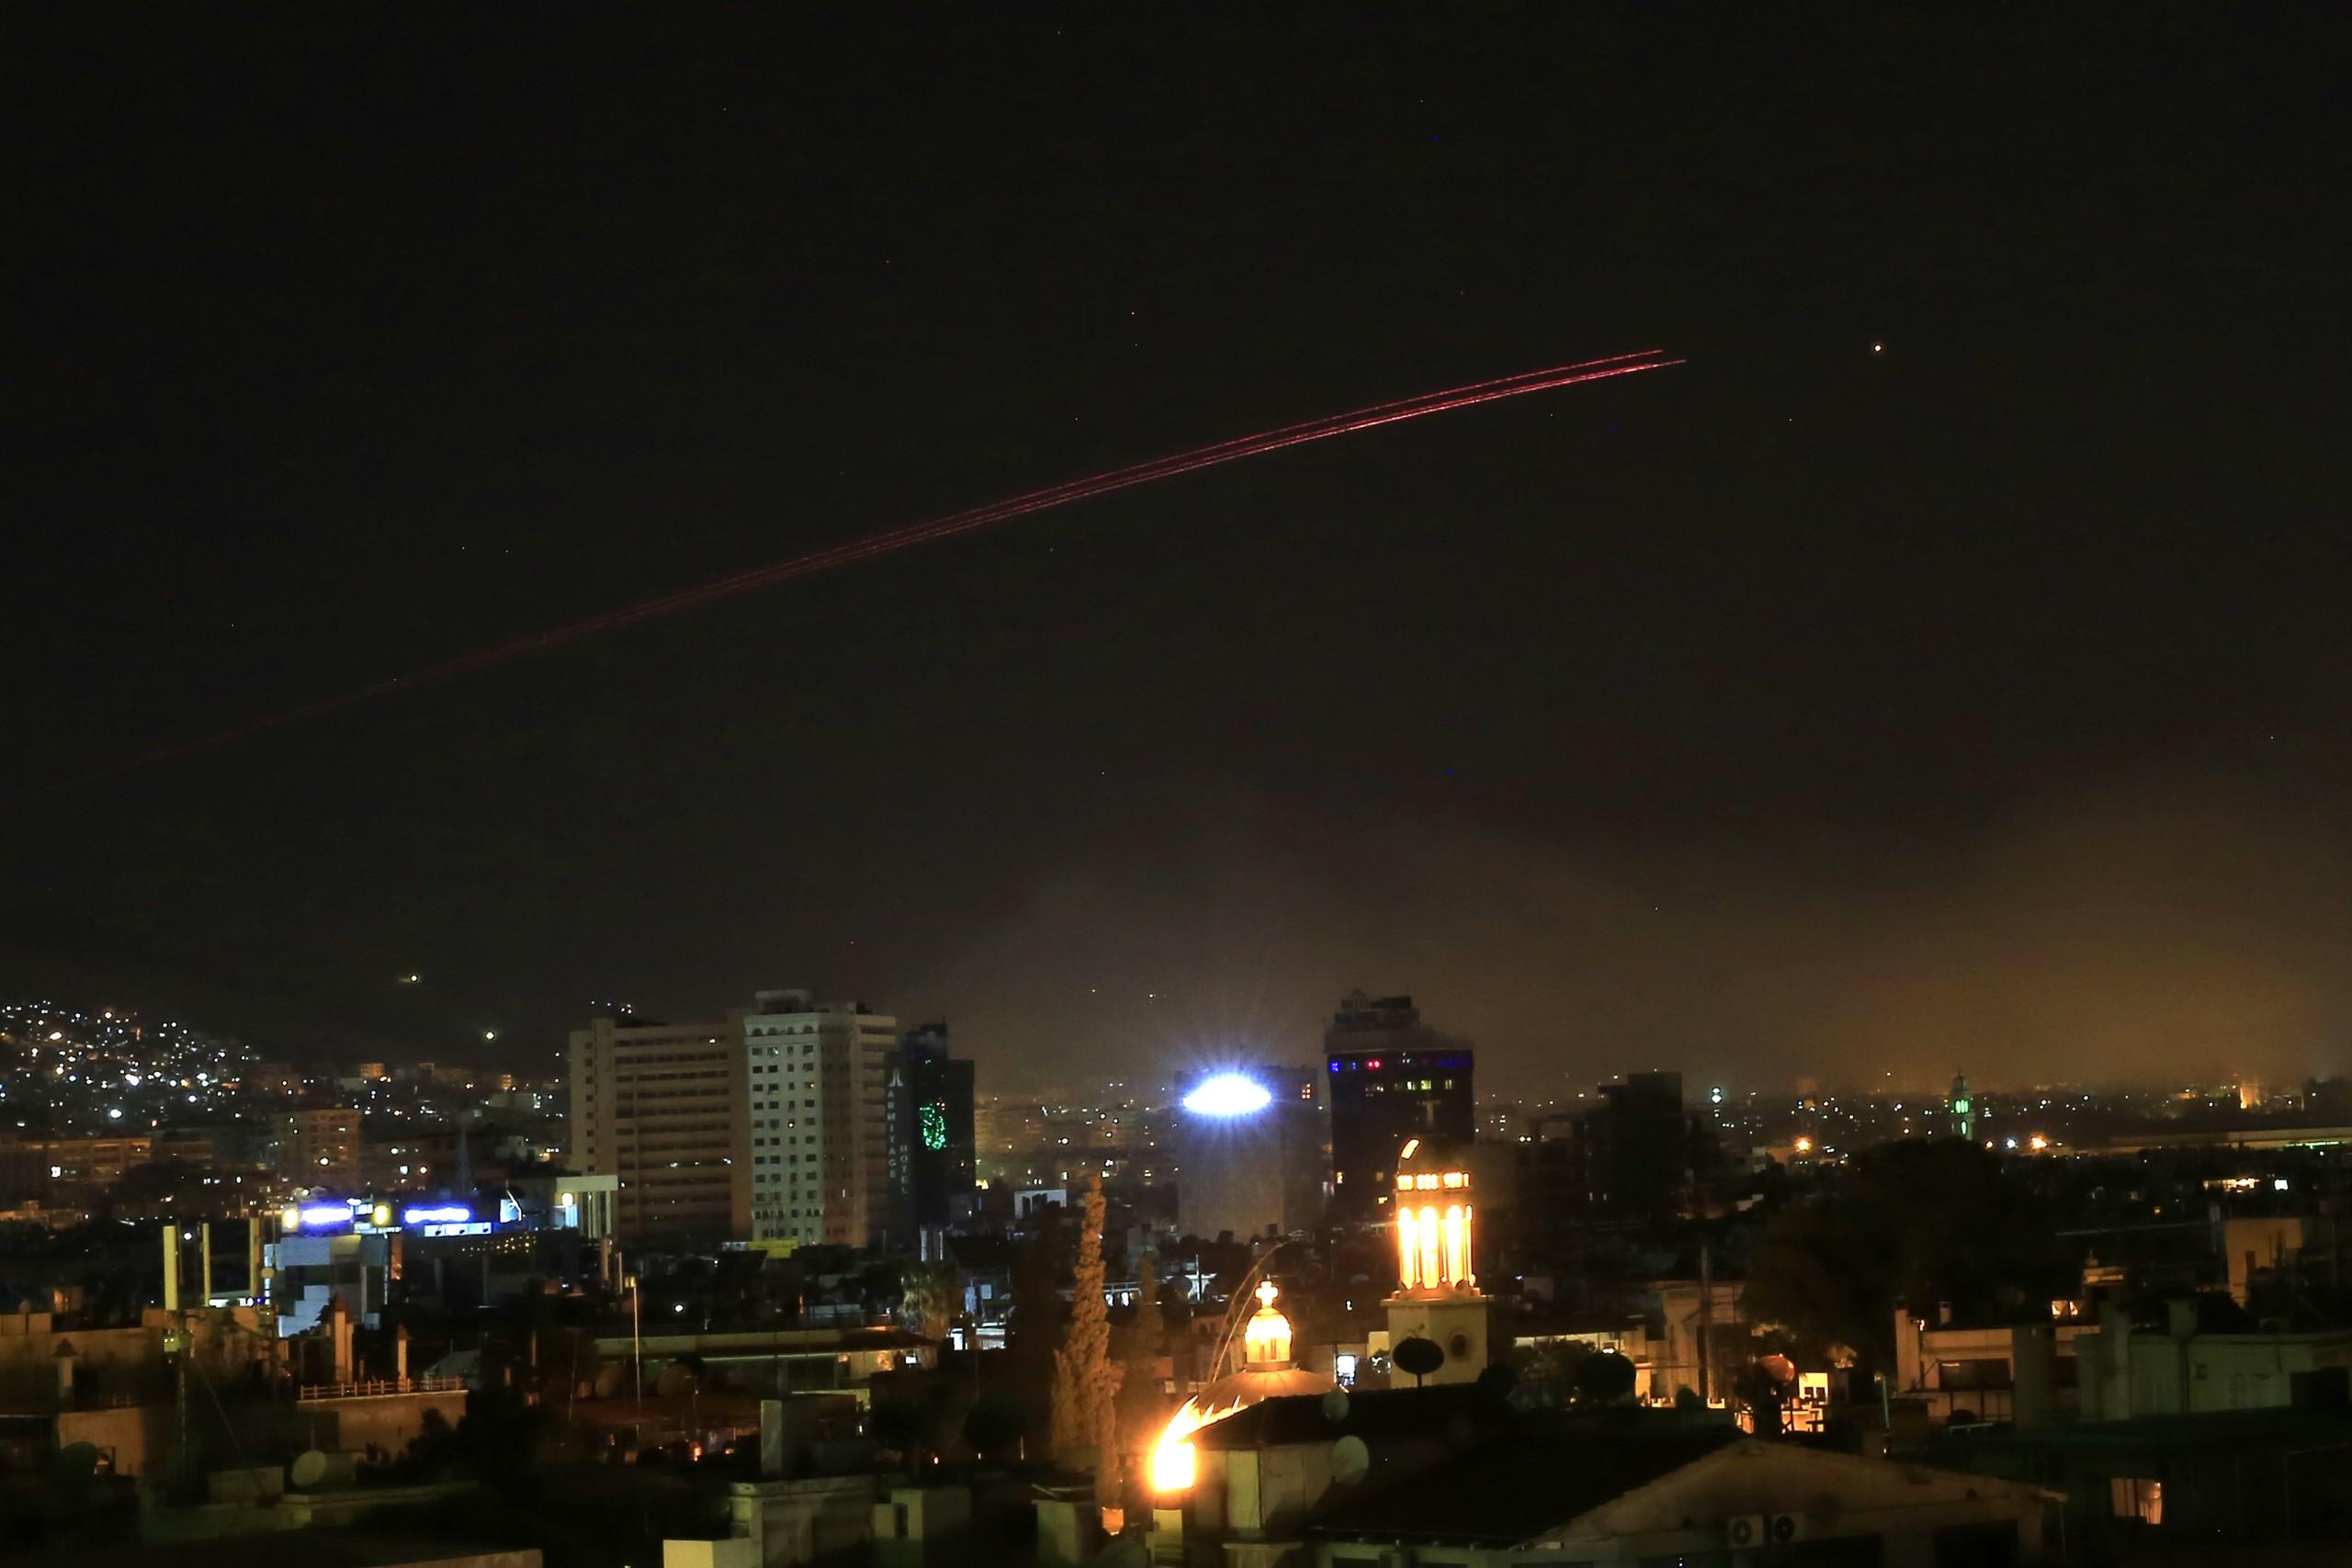 شاهد دمشق وهي تتعرض للضربات العسكرية